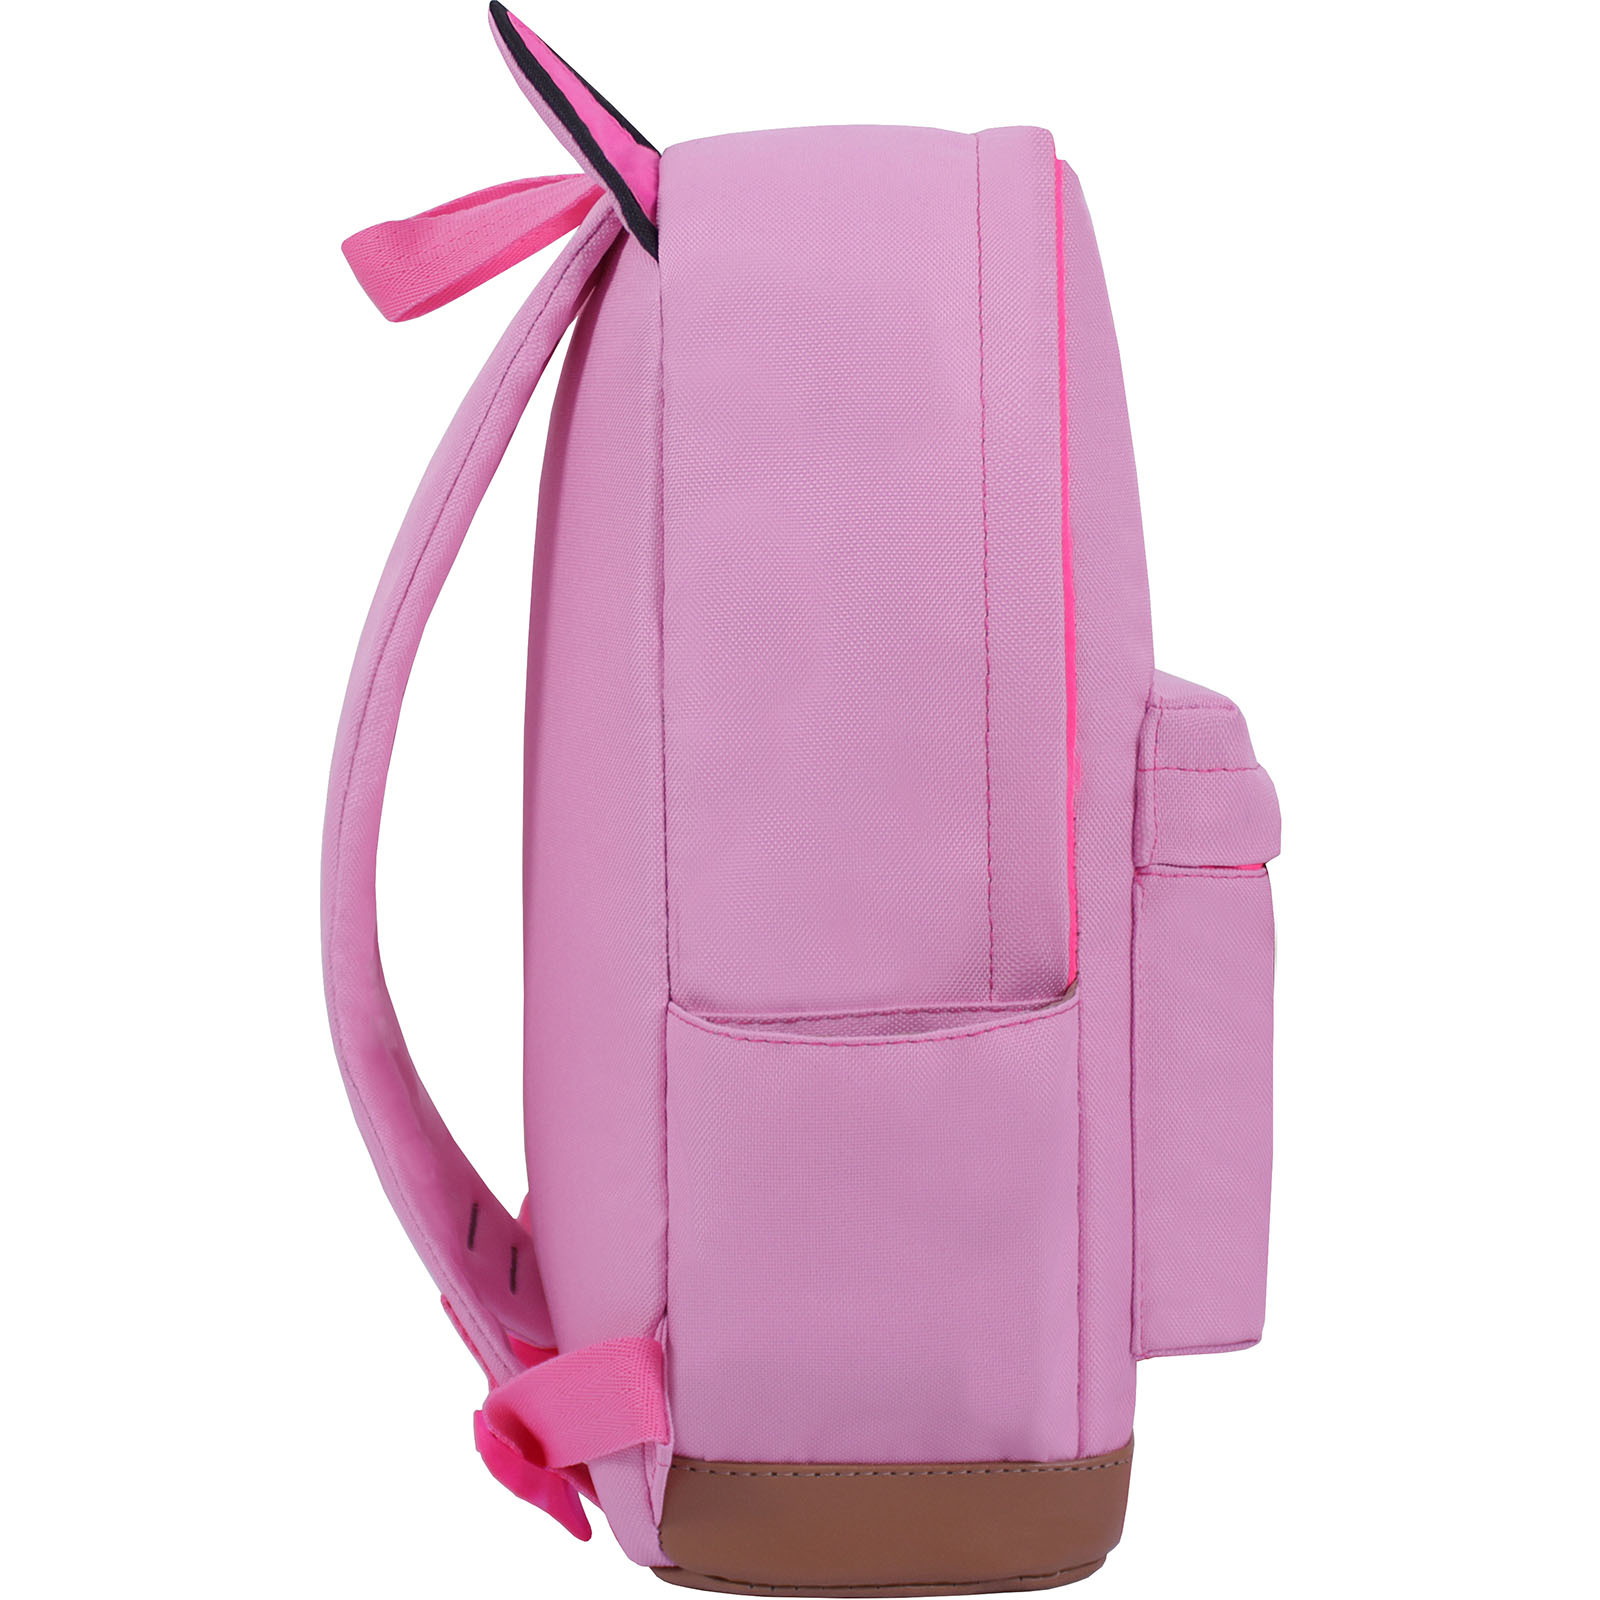 Рюкзак Bagland Ears розовый (0054566) фото 2